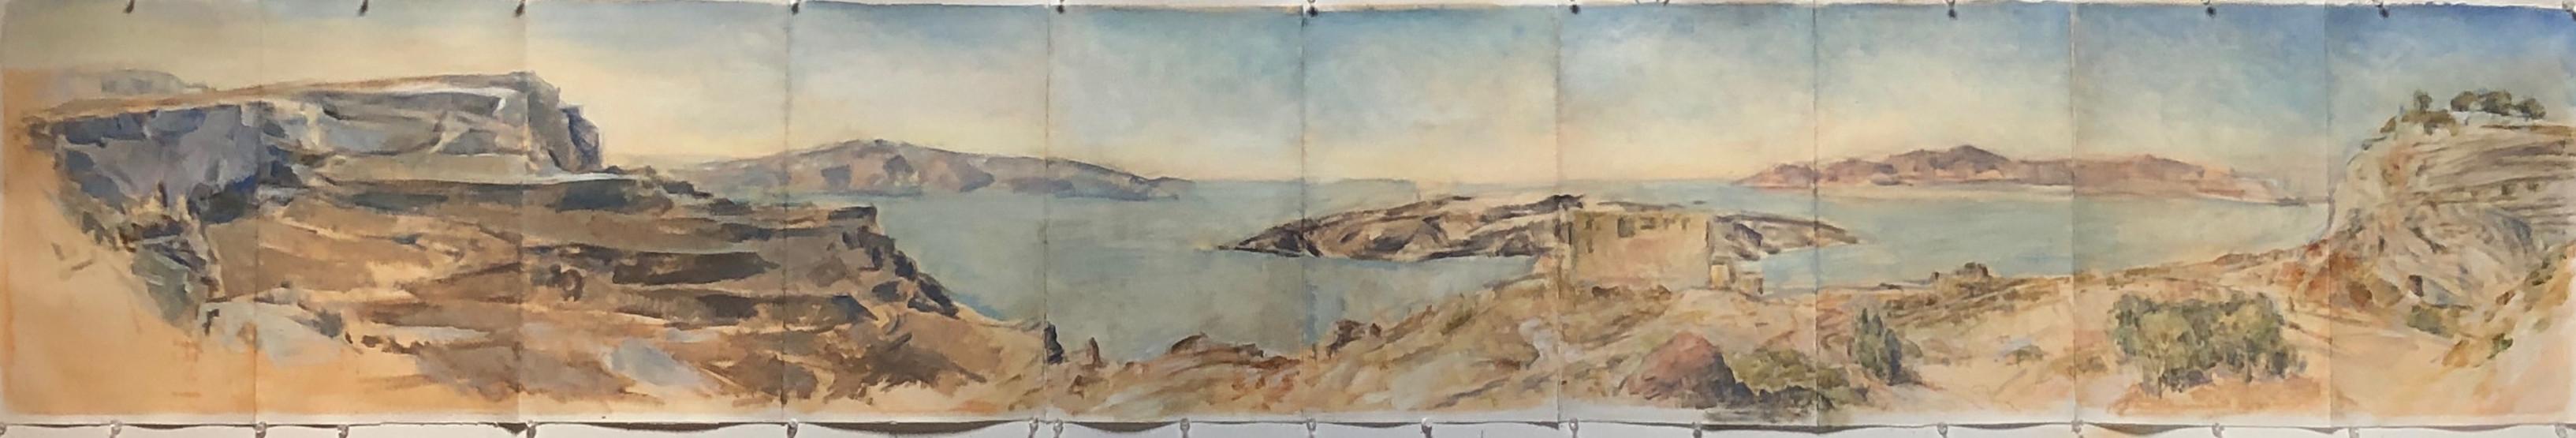 10.Marcia Clark, Fira Cliffs,2021. oil on paper 14x 95 in.jpg